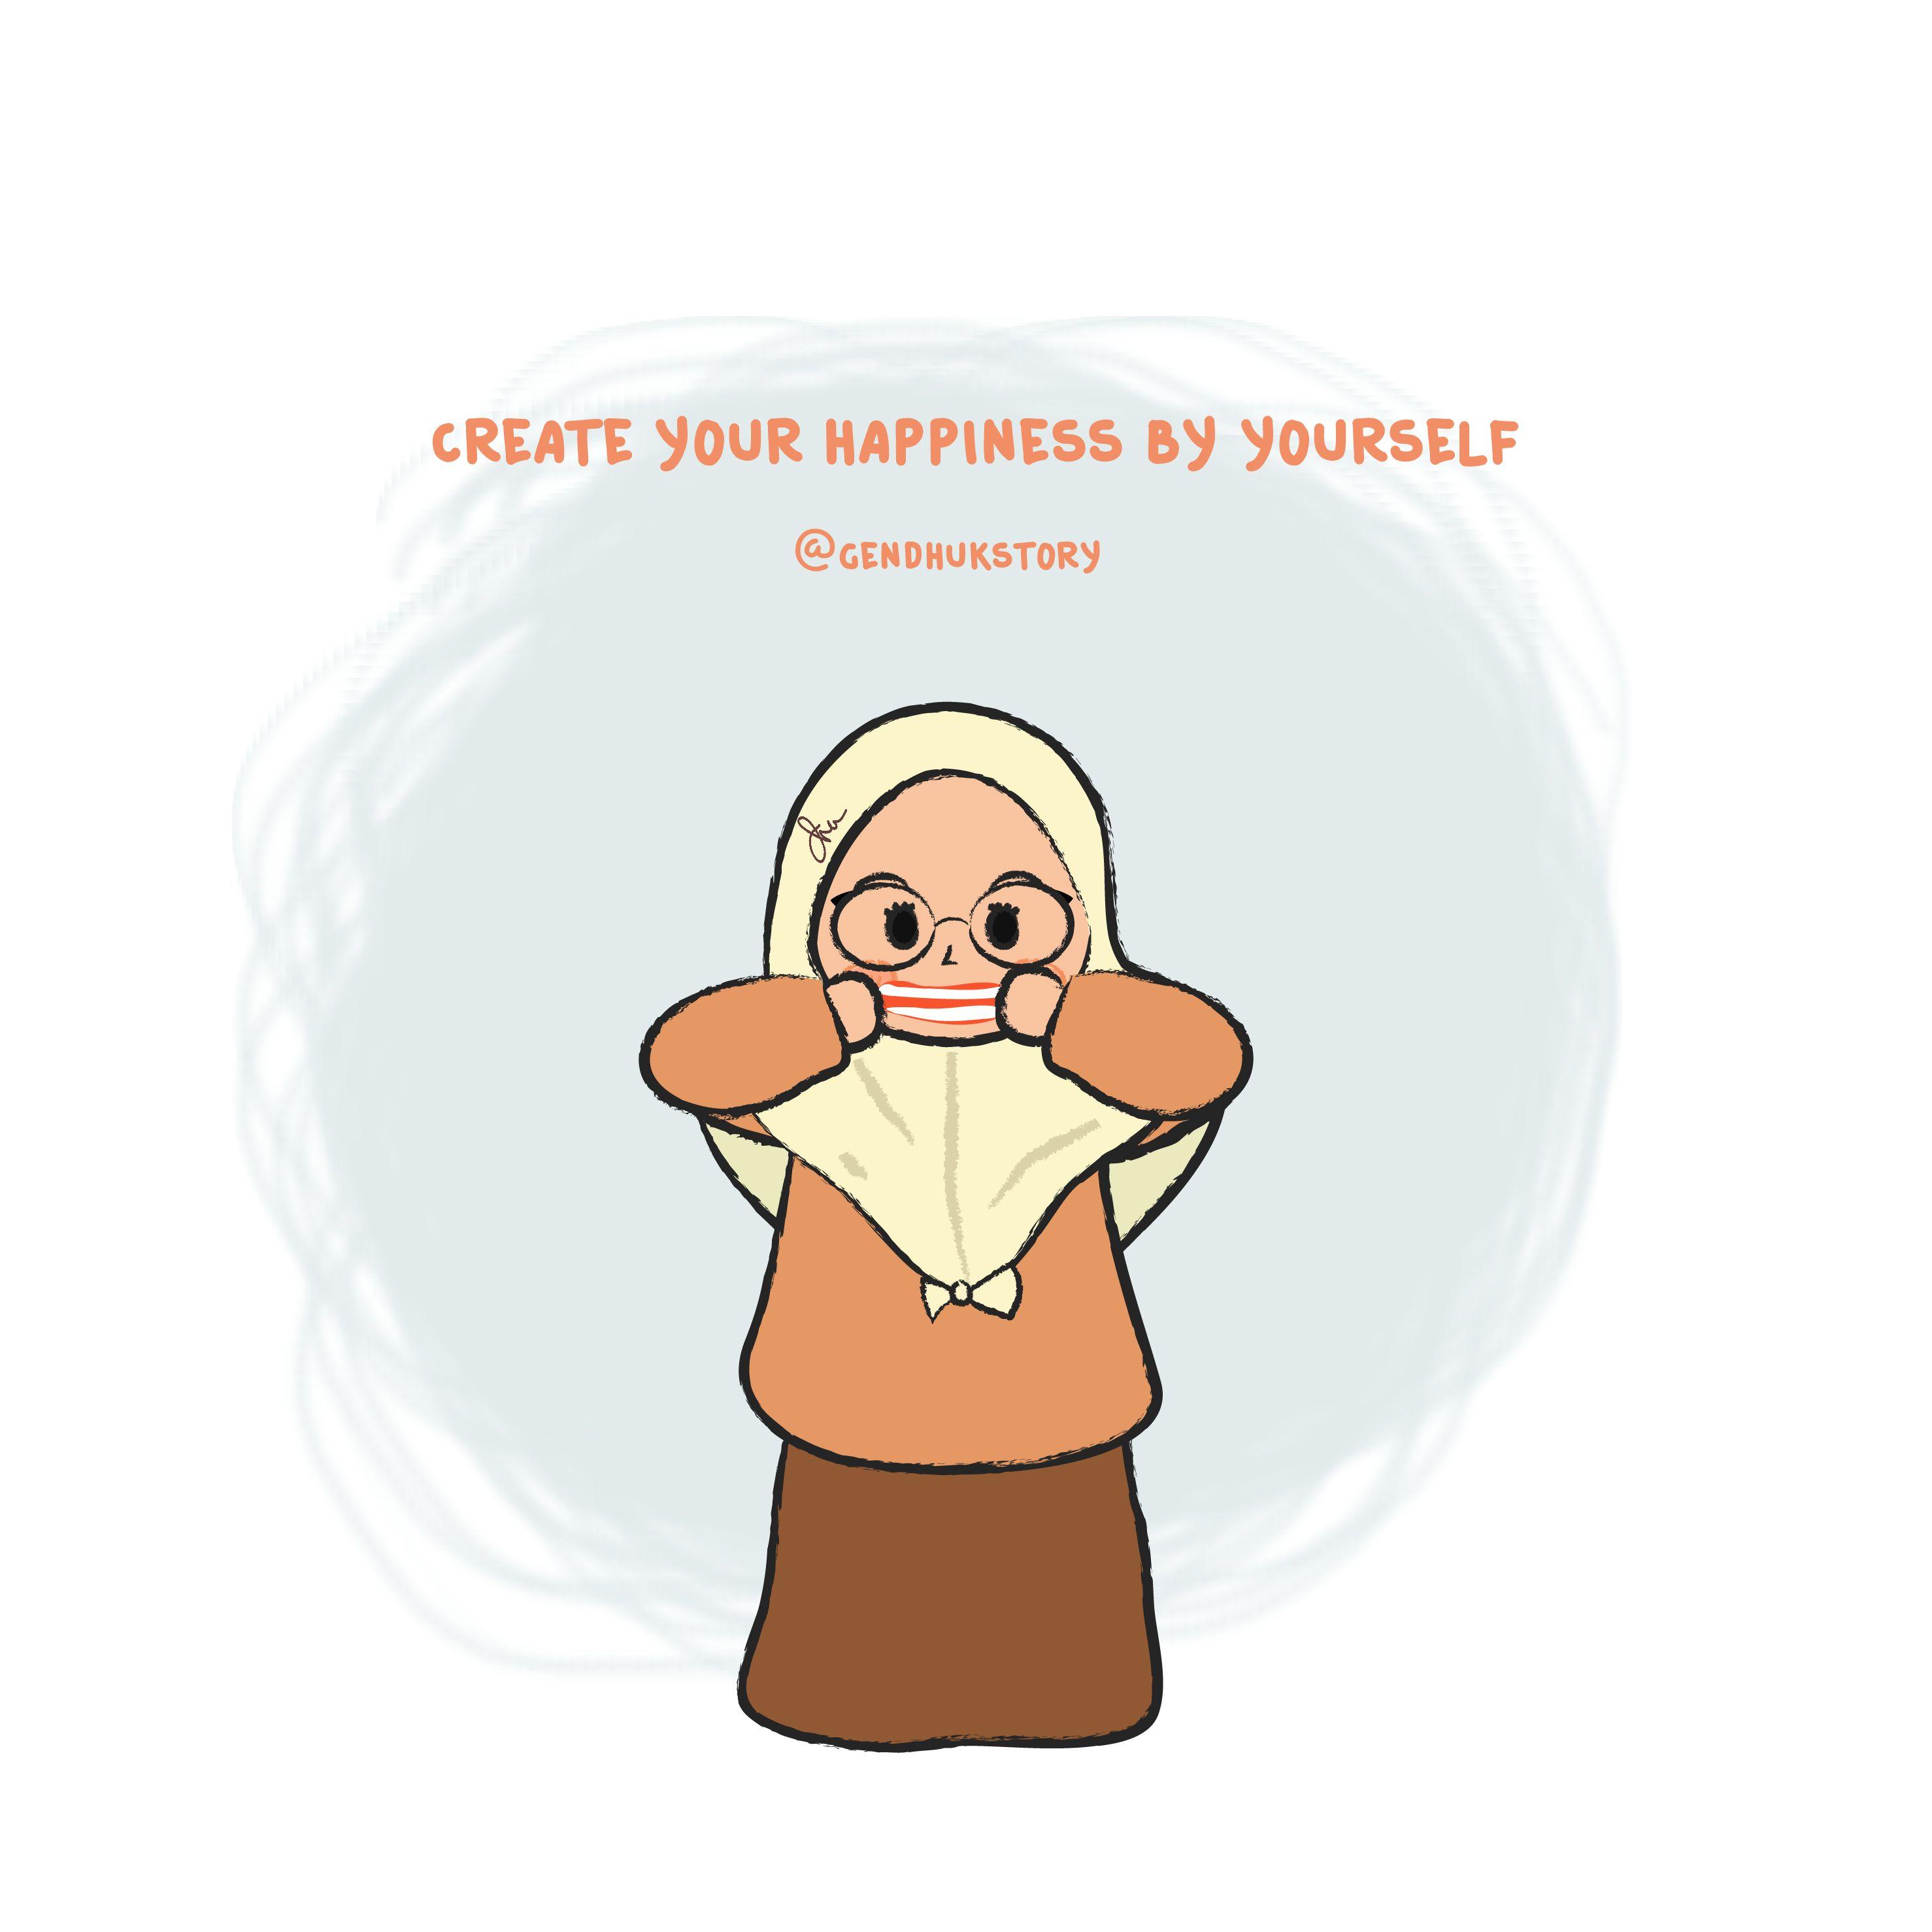 Pin oleh Gendhukstory di muslimah gendhukstory Kartun